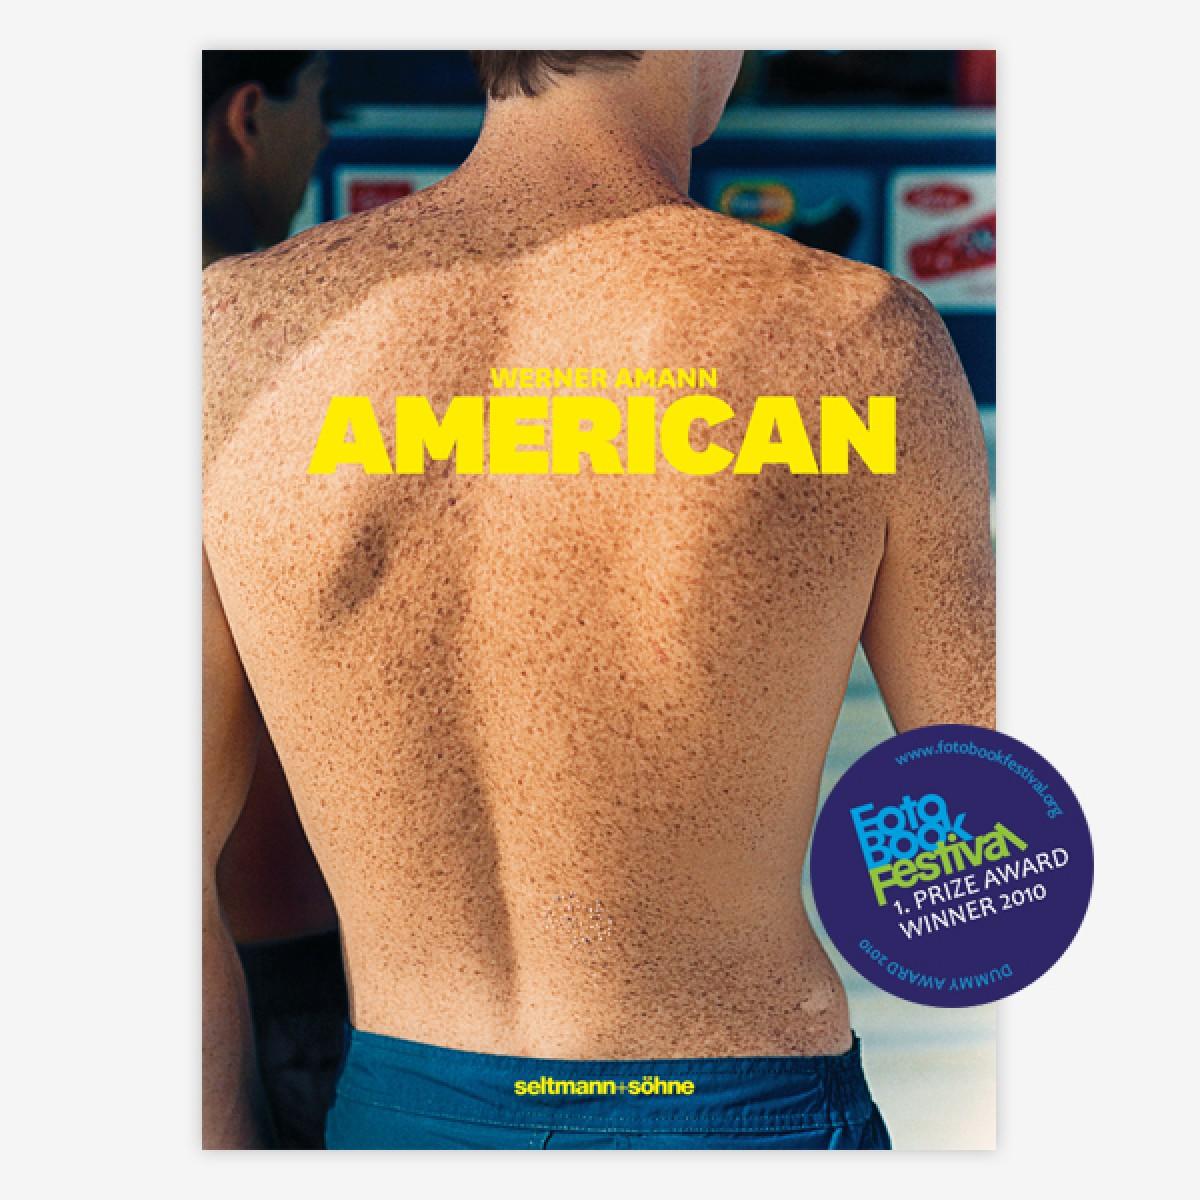 AMERICAN 1996-2009 (Werner Amann) von seltmann+söhne